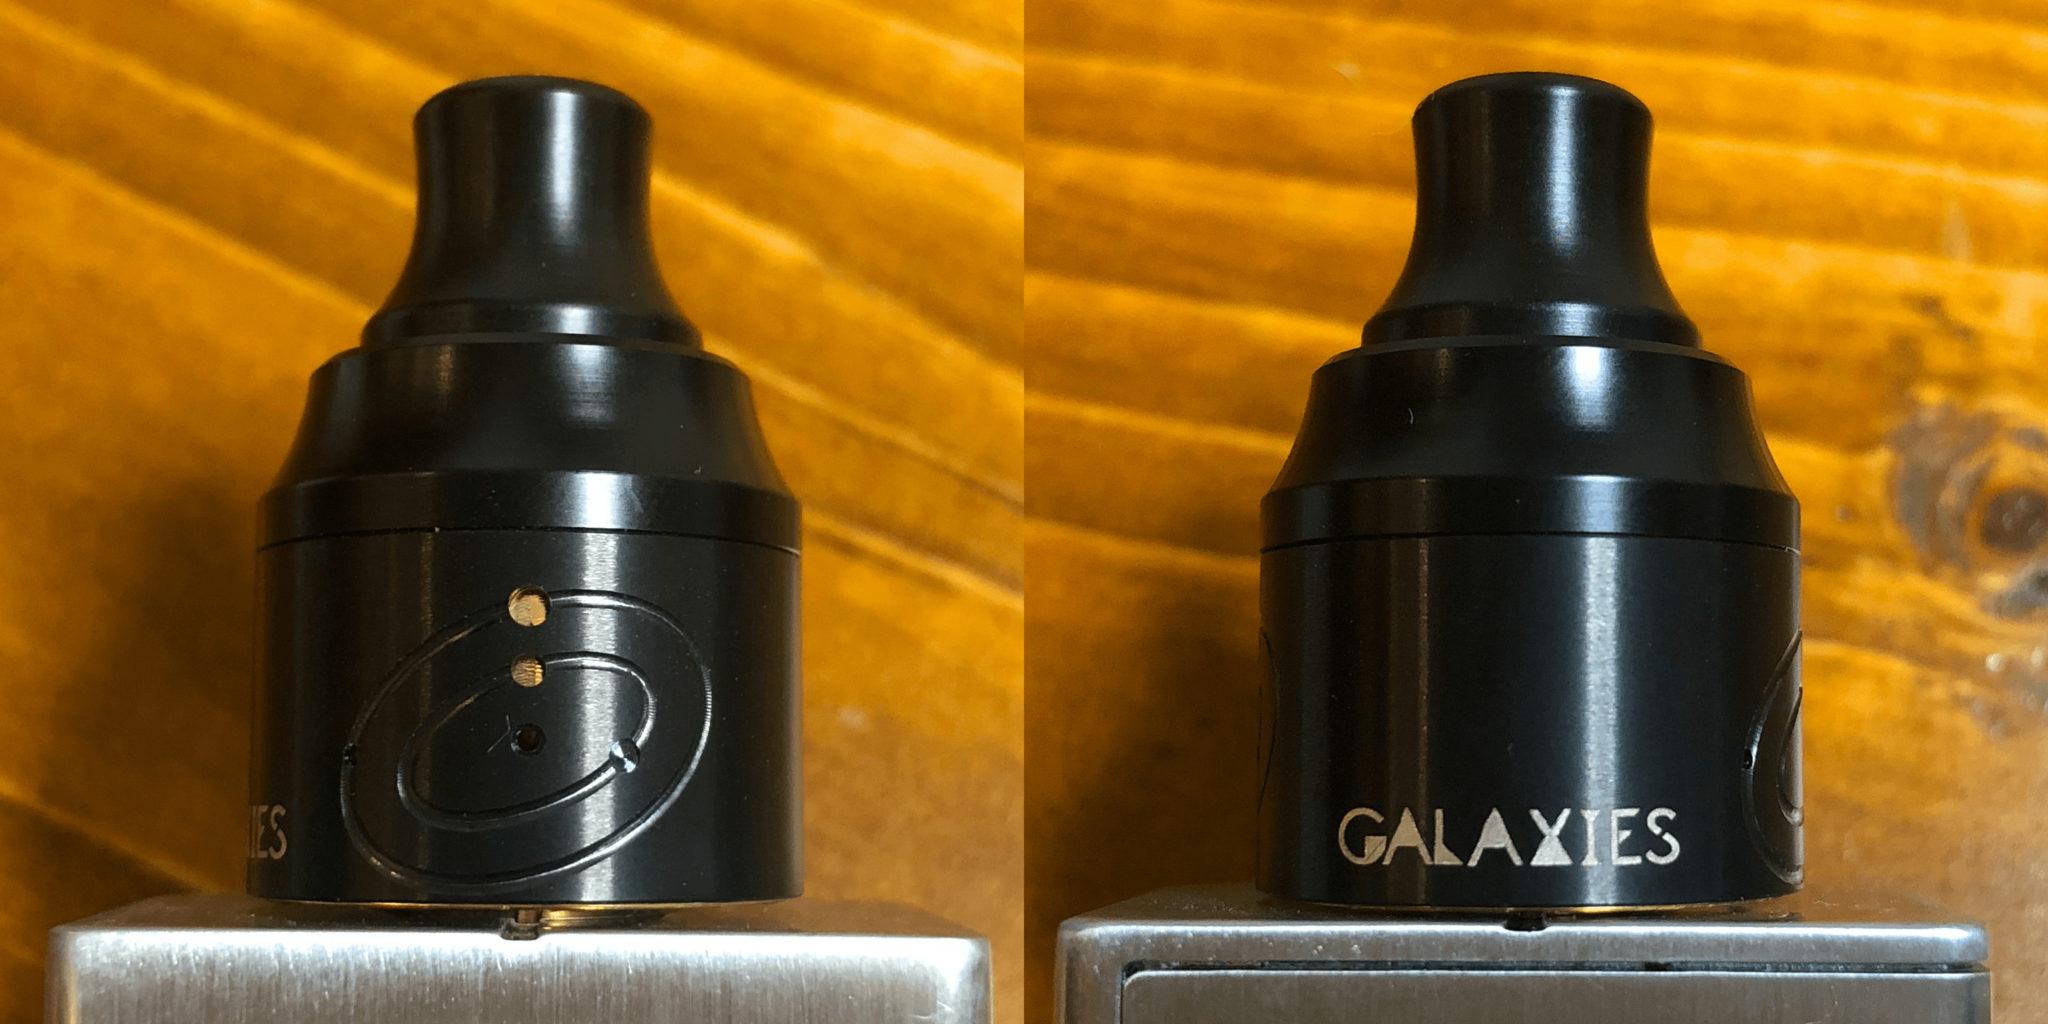 vajp4 - 【レビュー】ホリックTVコラボRDAキタ!! Vapefly「Galaxies MTL RDA ホリックTVこーへいモデル(ギャラクシーズ MTL RDA)」かっこよすぎの美味しすぎで死角なしヤバイこれ